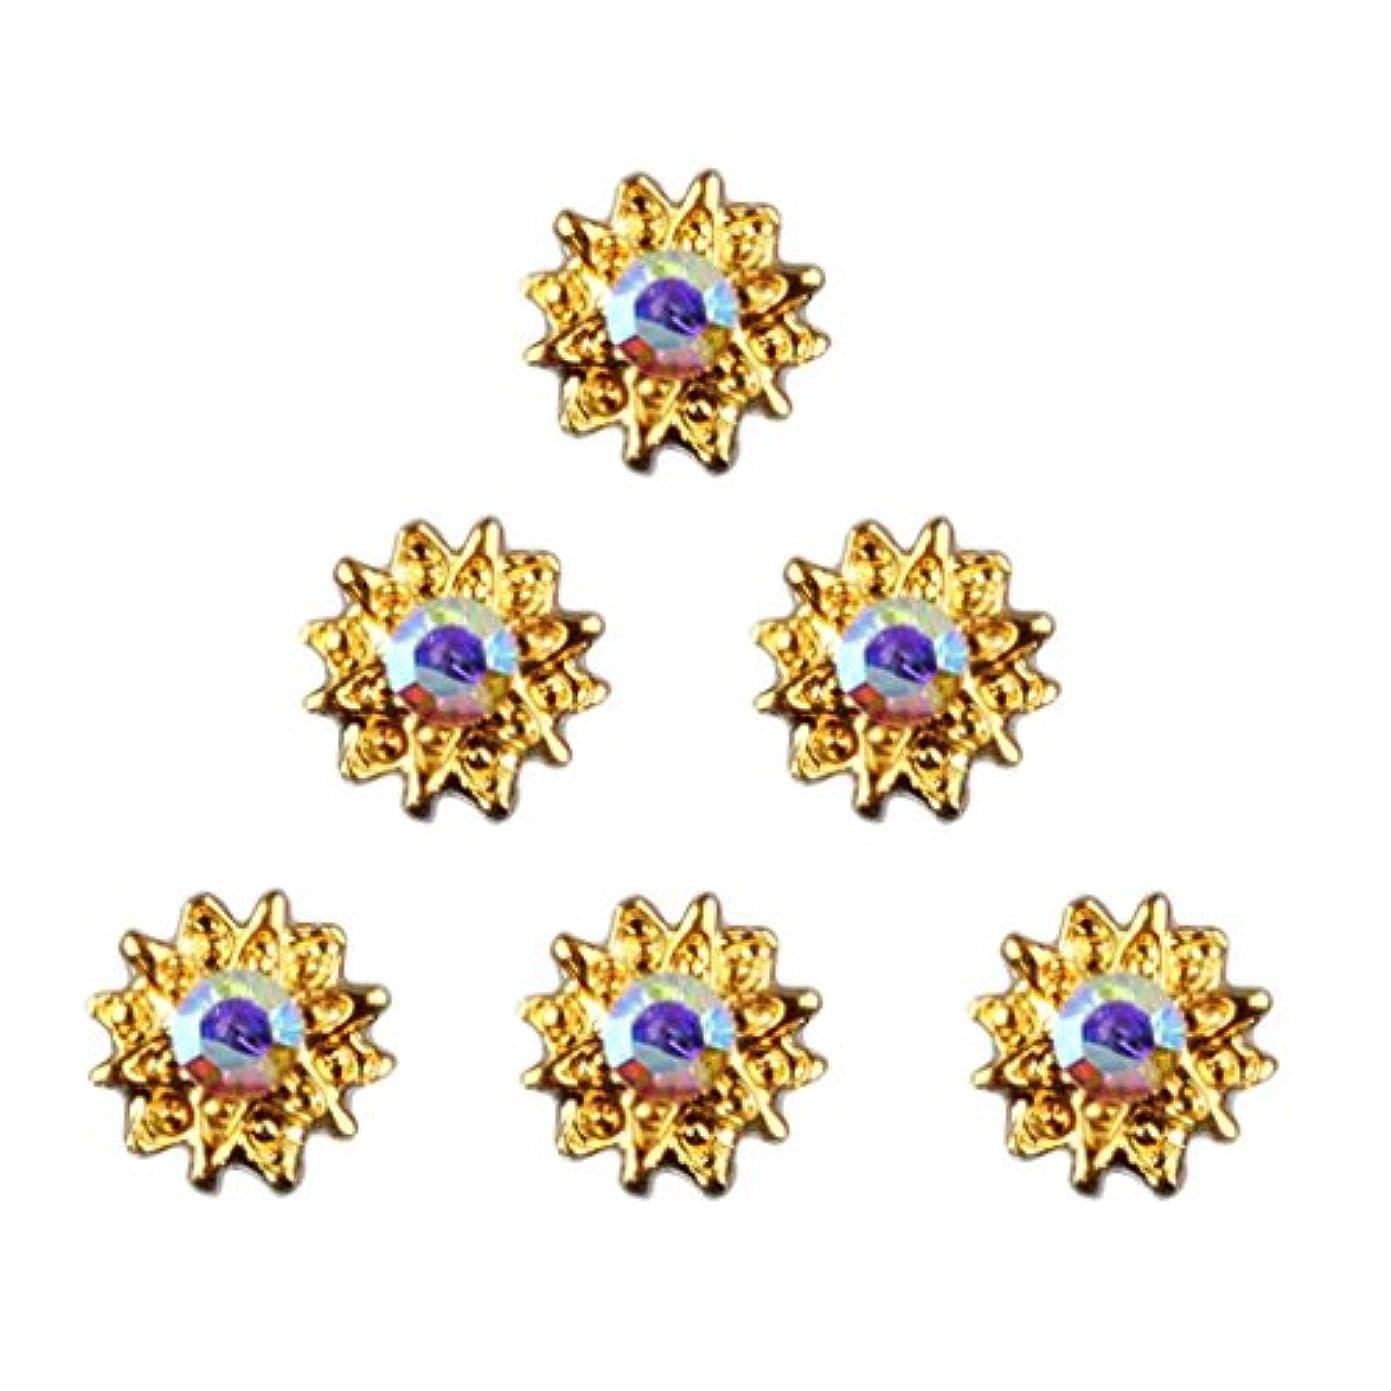 中央値抗生物質ヒステリックBaosity ネイル ネイルデザイン ダイヤモンド 約50個 3Dネイルアート ヒントステッカー デコレーション おしゃれ 全8タイプ選べ - 5